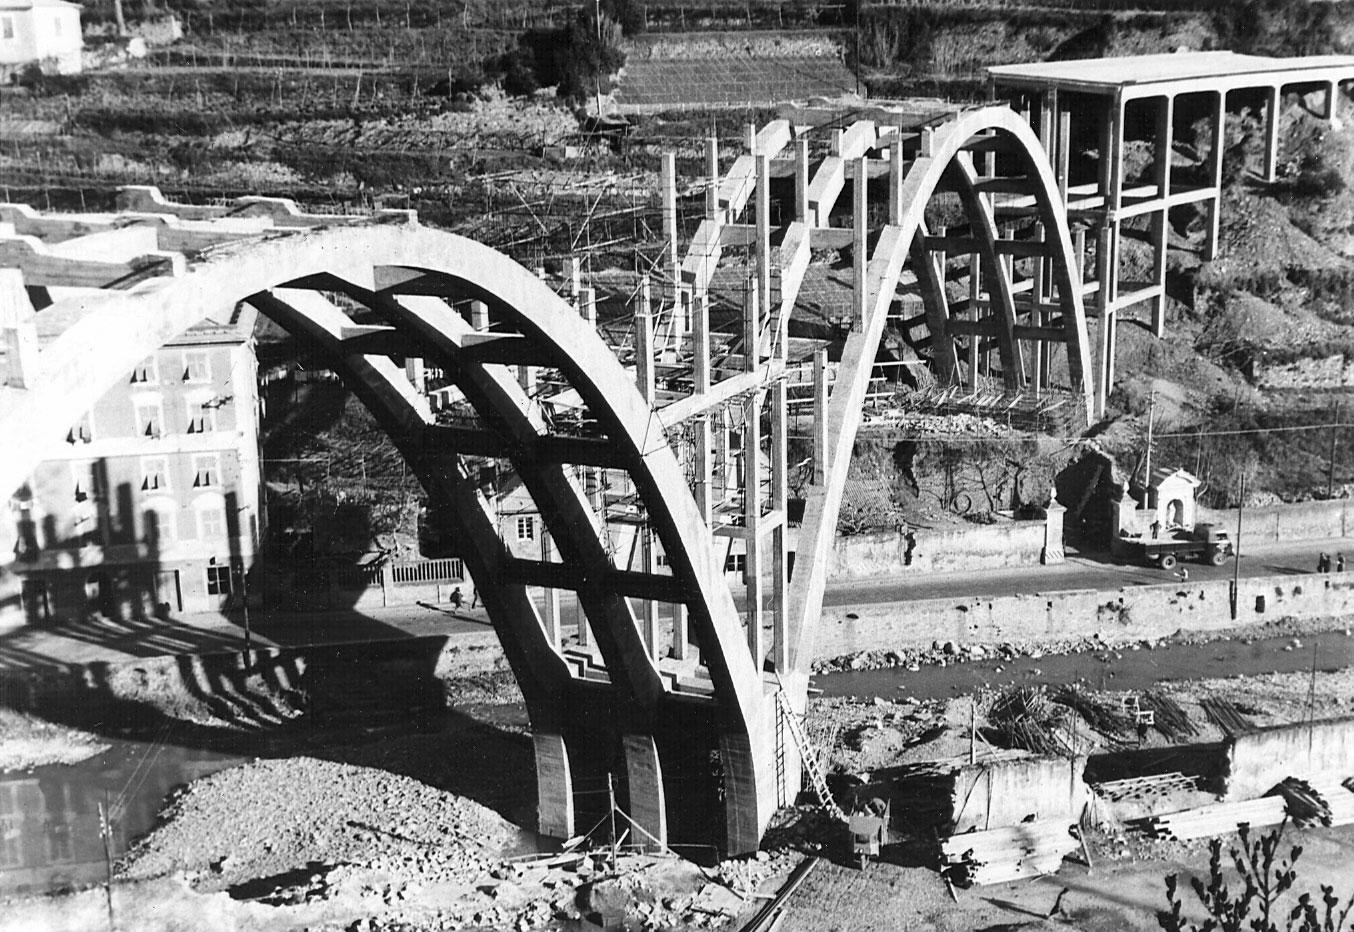 Liguria, autostrada A10 Genova-Savona nel comune di Voltri, 1955 (Archivio storico Anas)